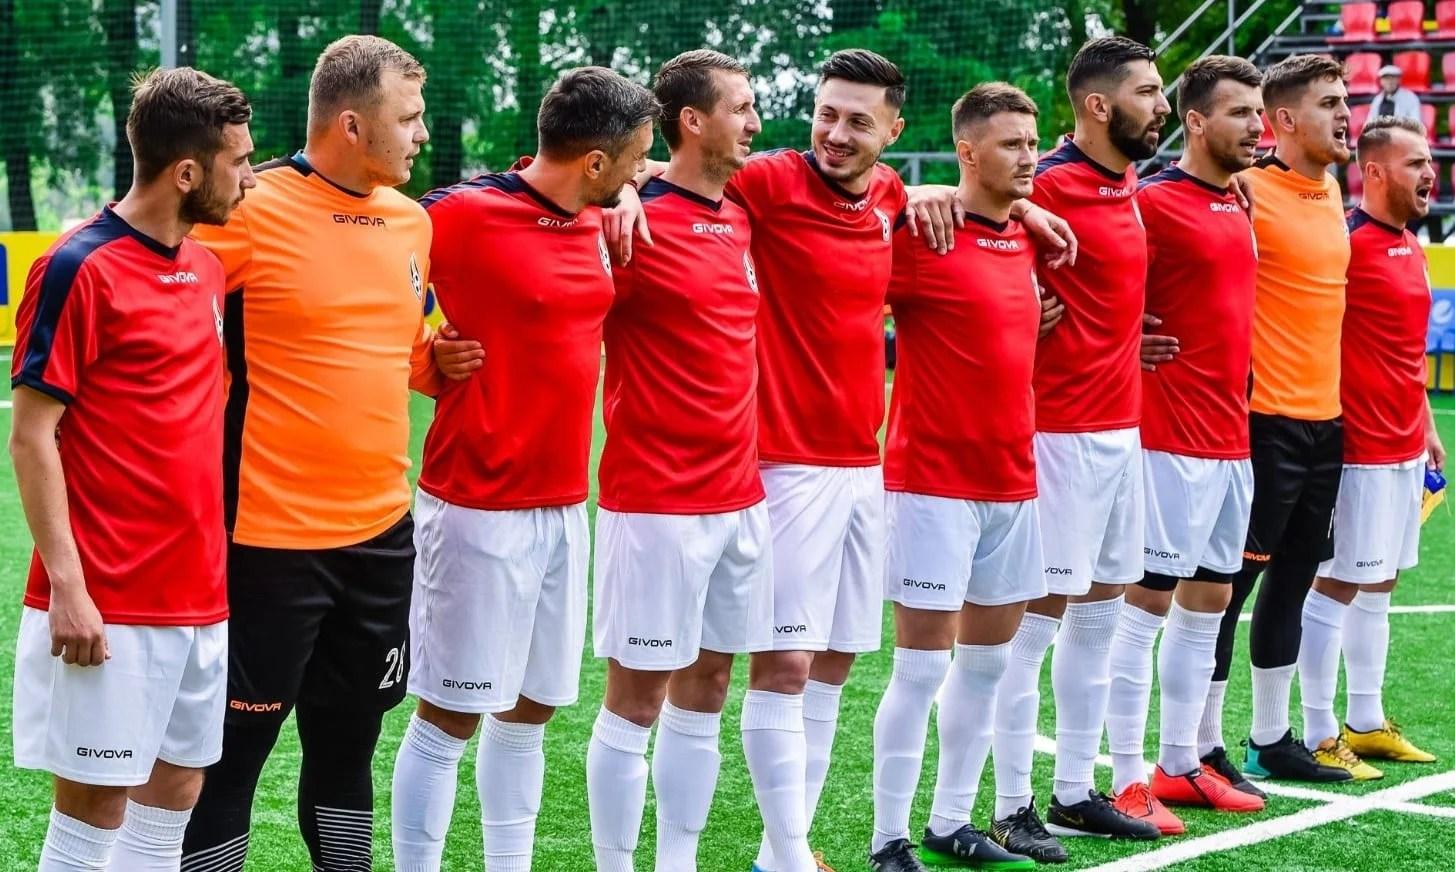 UPDATE! Naționala de minifotbal face ultimele repetiții pentru EMF Nations Games la baza Desavoia din Arad! Amical cu Premiere, de la ora 22!